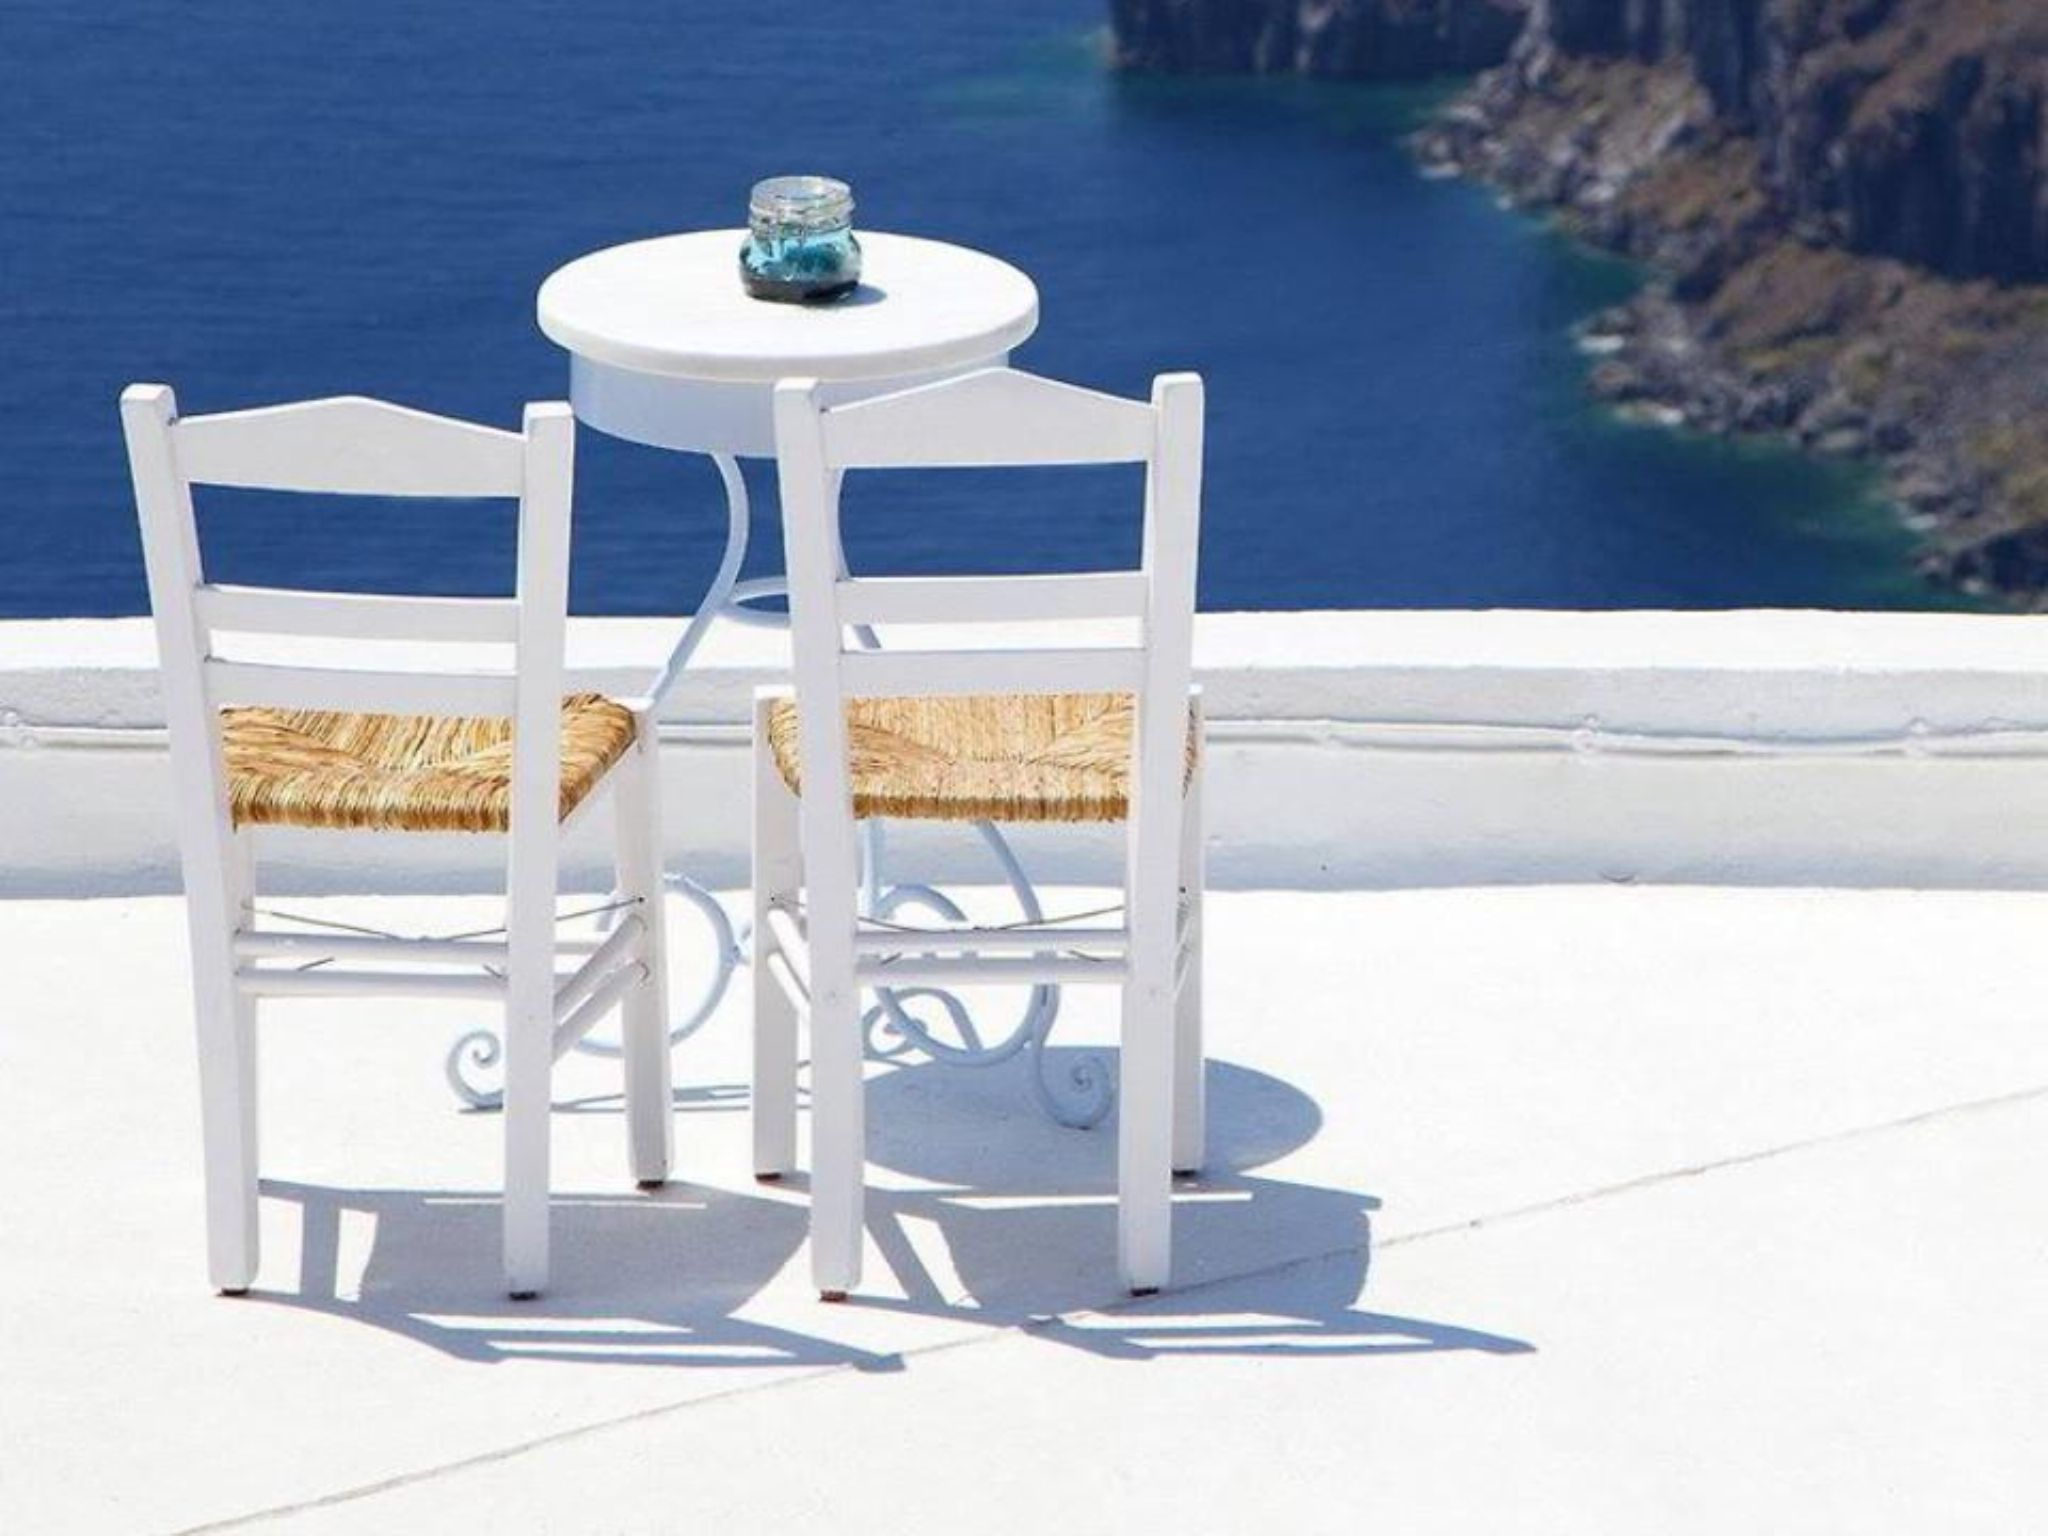 Santorini, Greece by kasiospaul